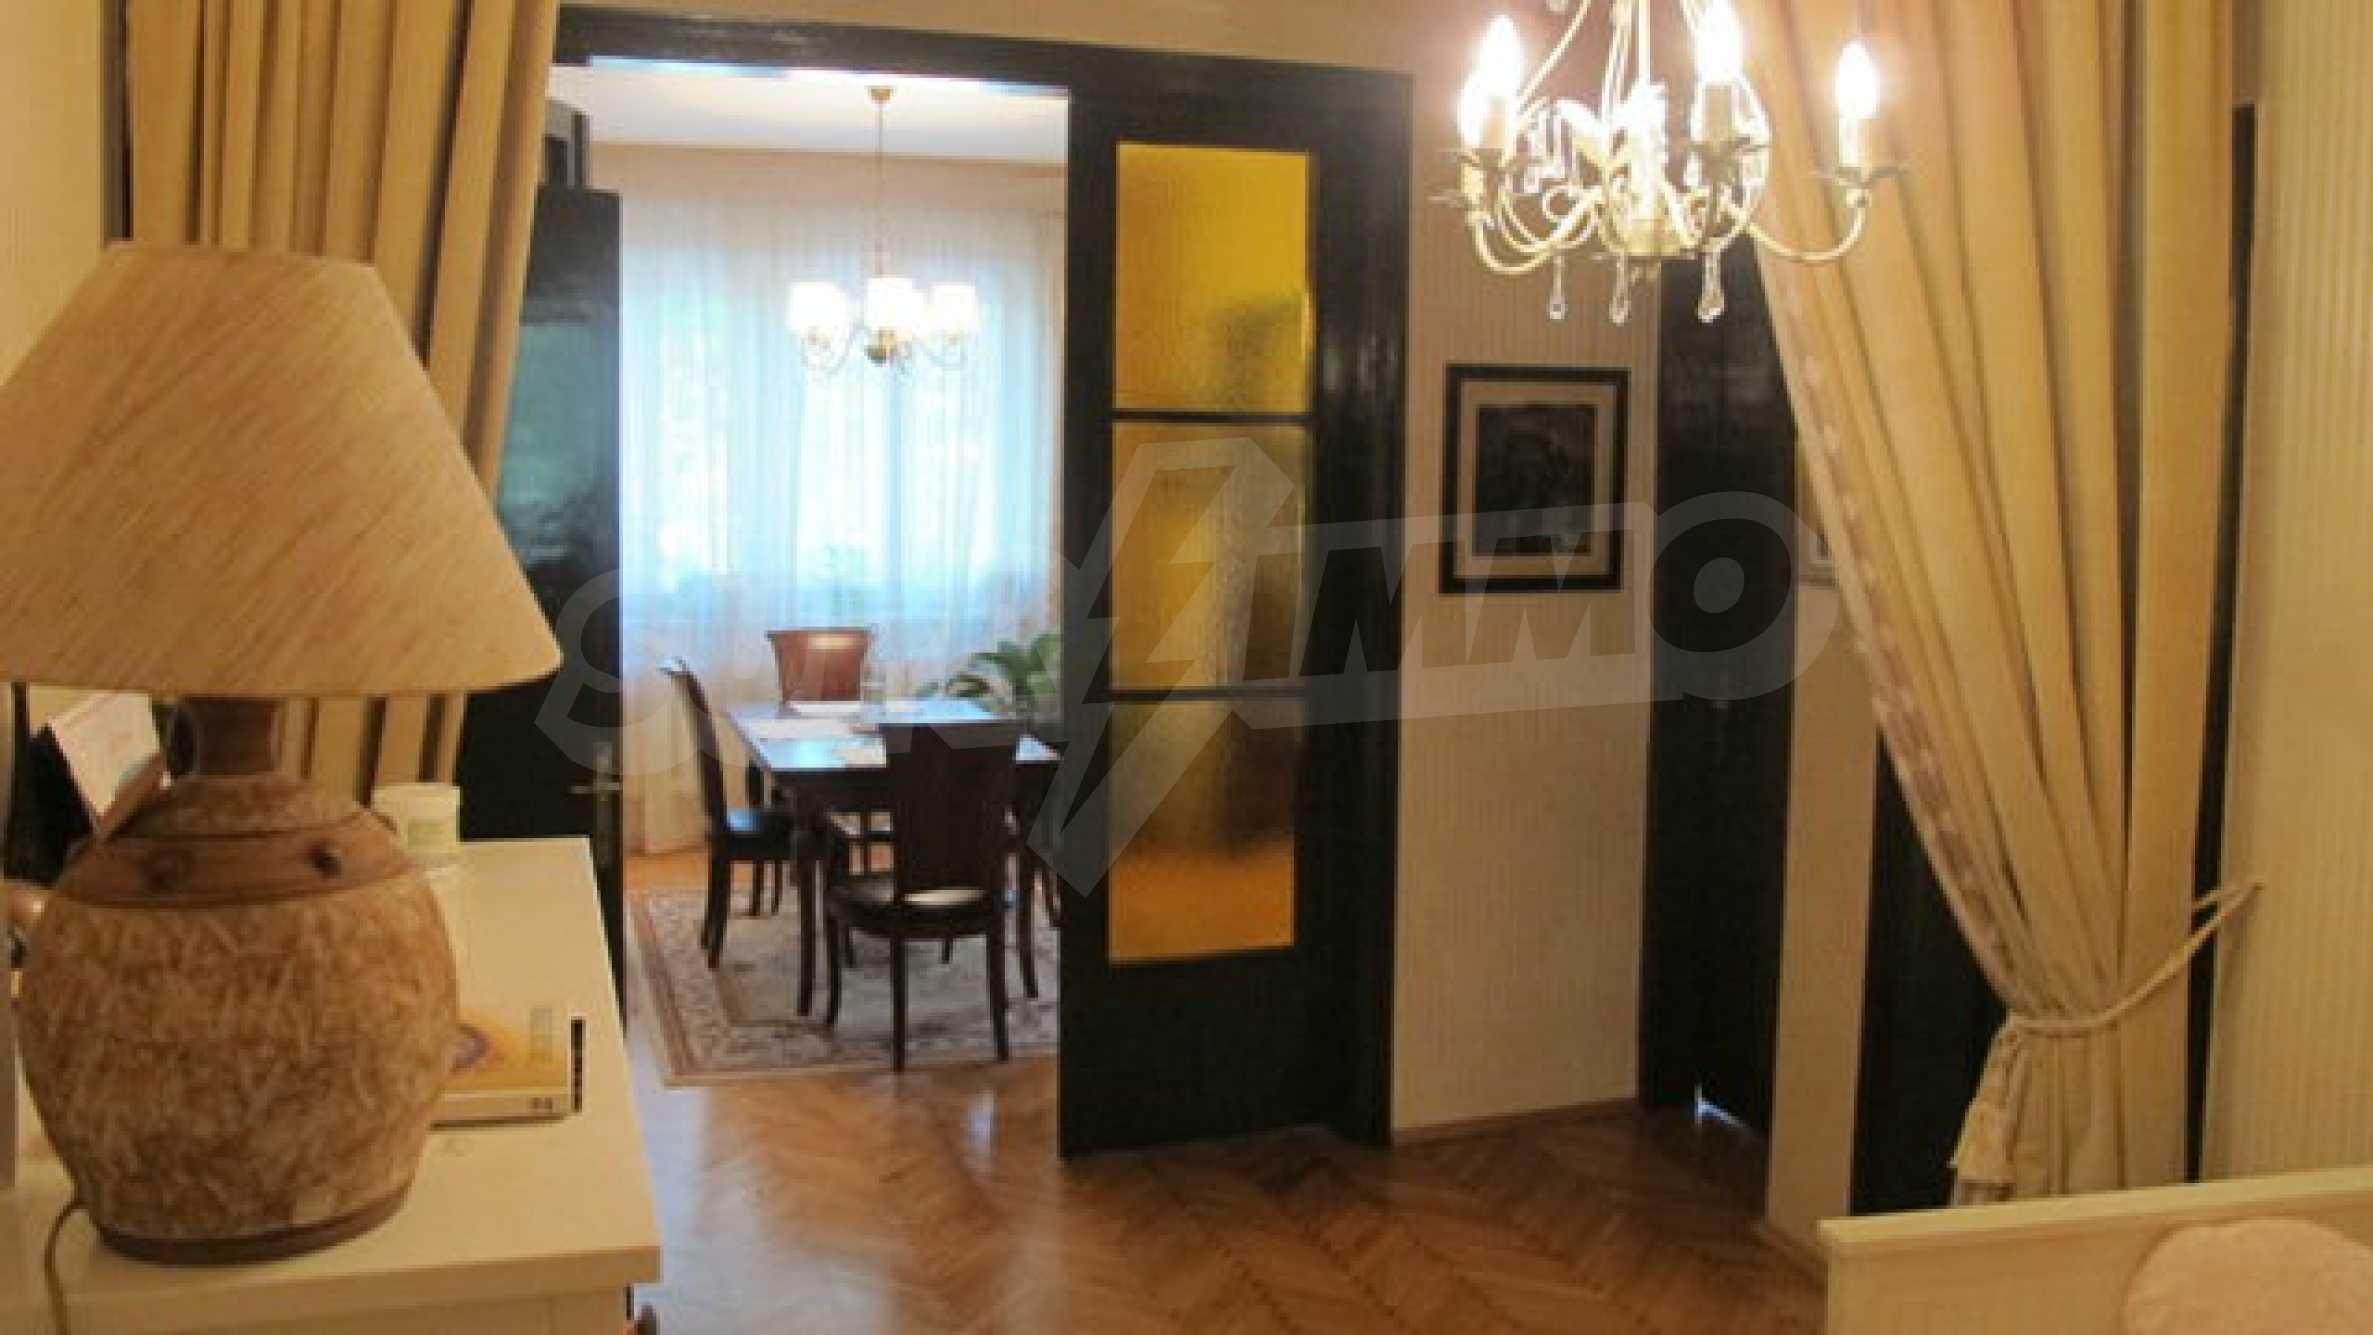 Zwei-Zimmer-Wohnung in einem idealen Zentrum 15